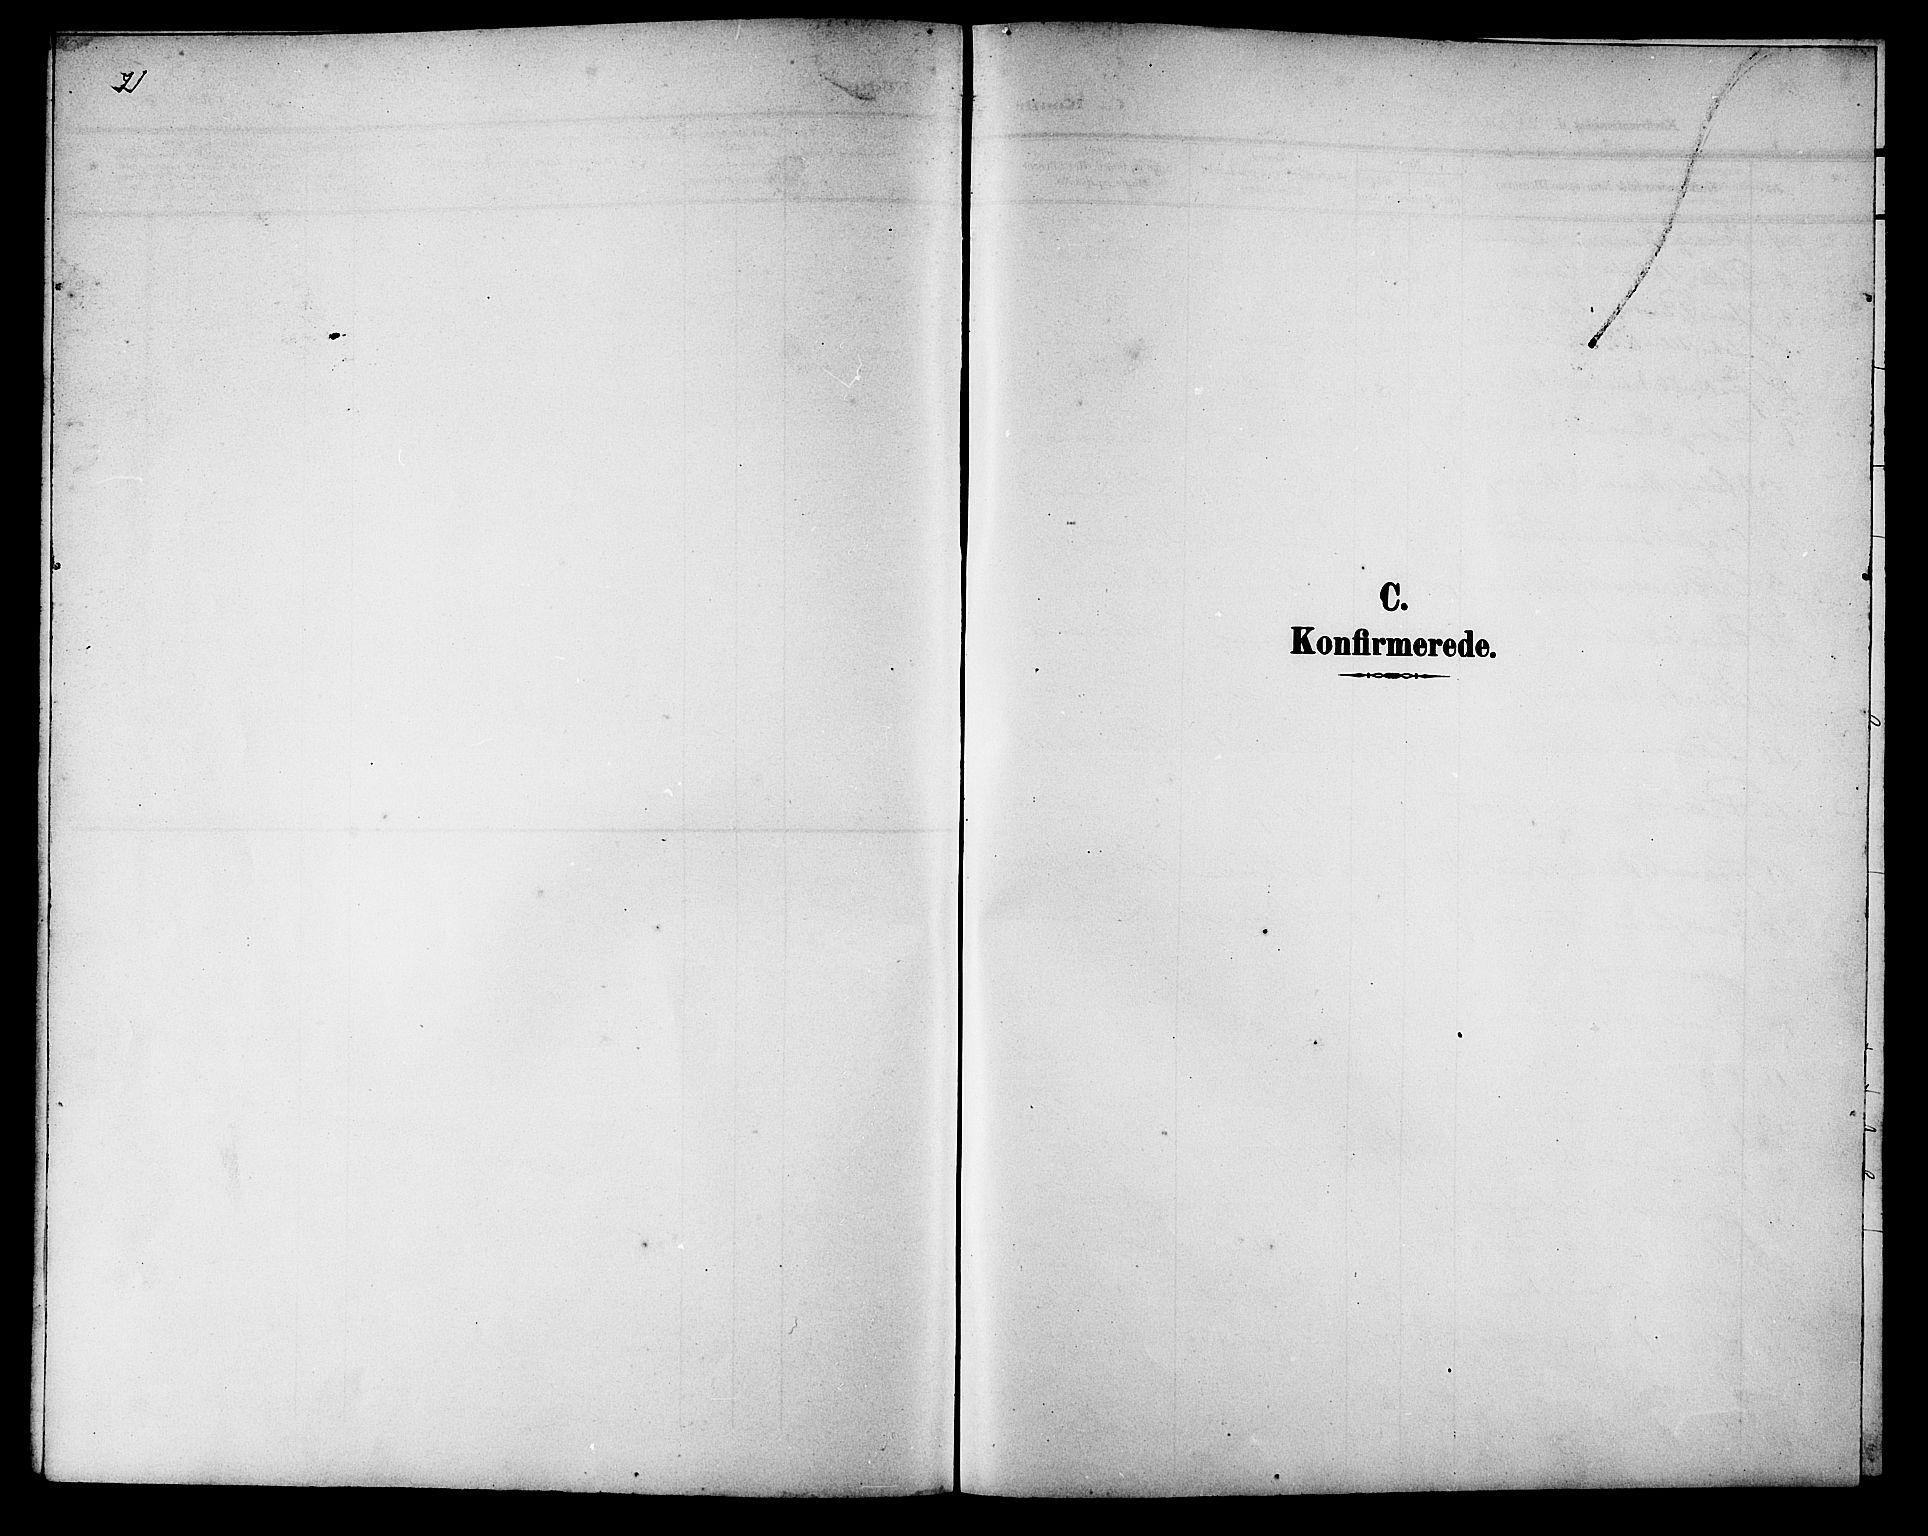 SAT, Ministerialprotokoller, klokkerbøker og fødselsregistre - Sør-Trøndelag, 657/L0717: Klokkerbok nr. 657C04, 1904-1923, s. 71